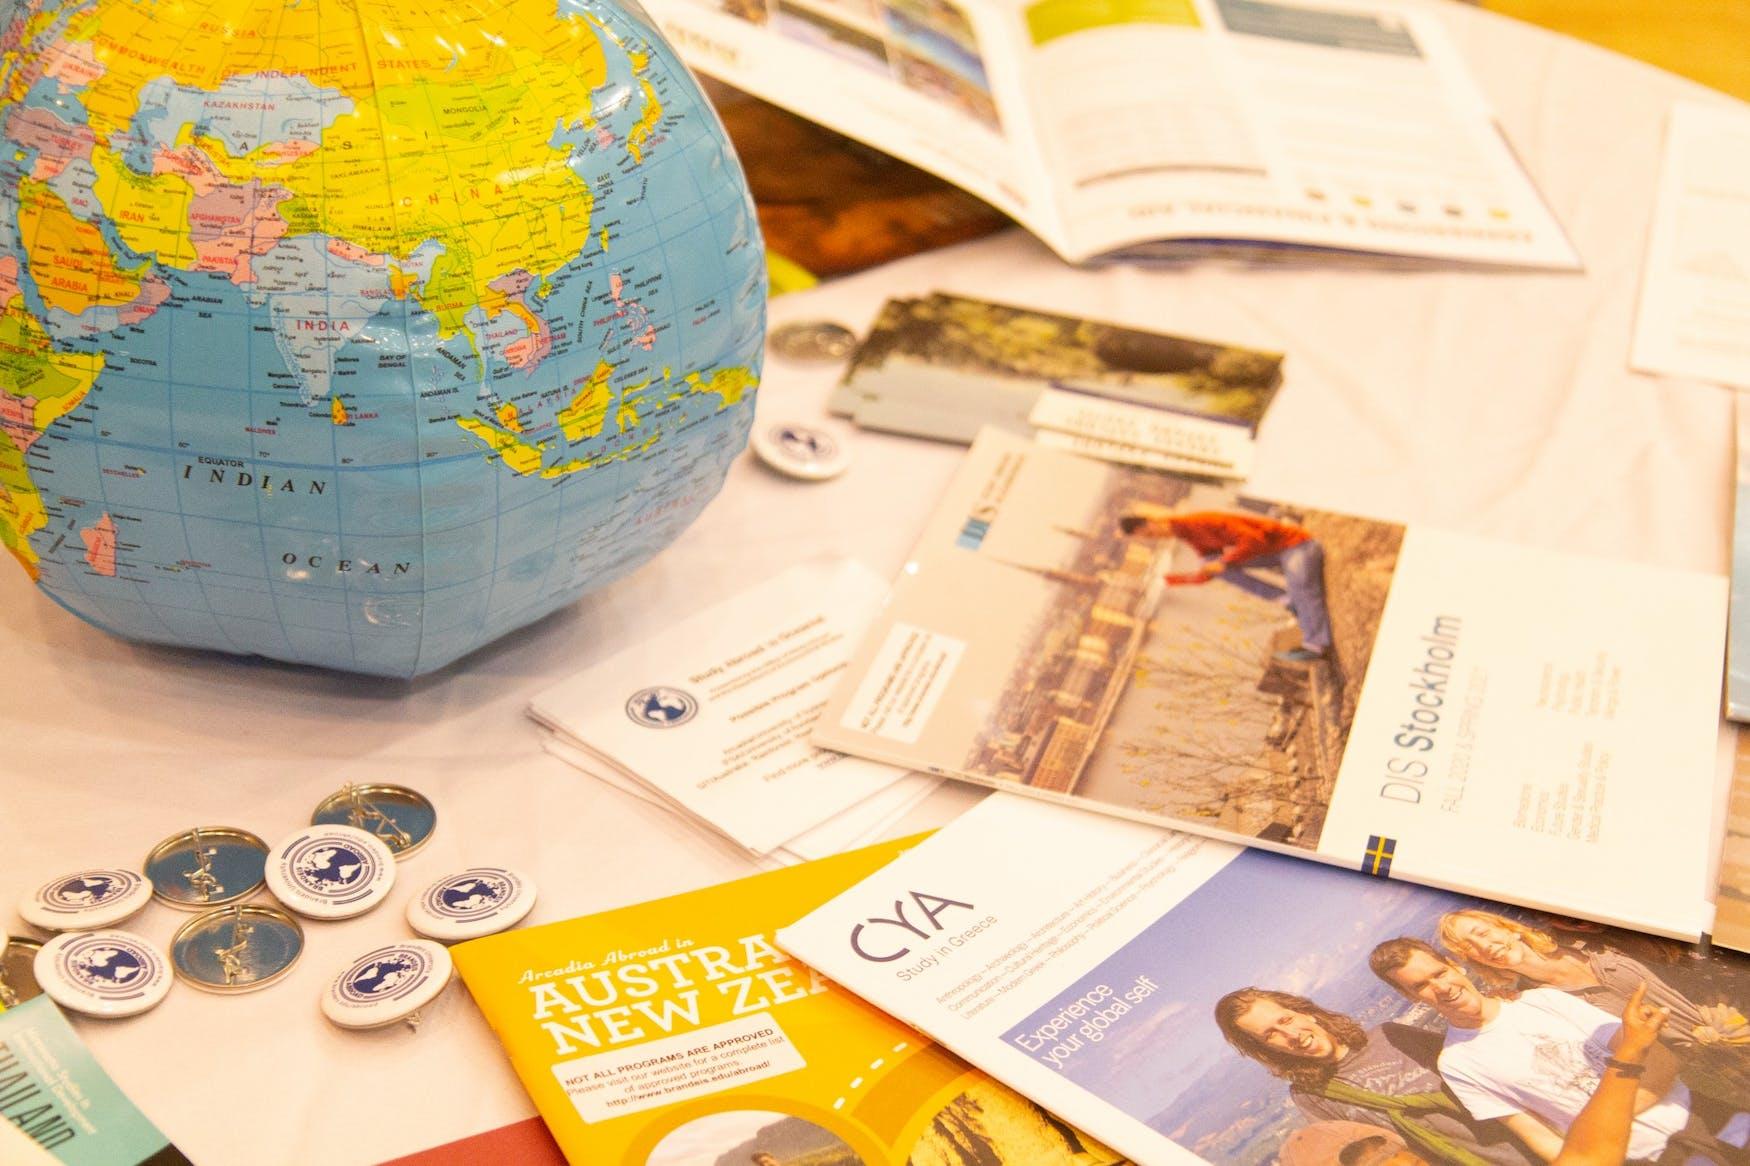 study-abroad-1-23-20-tl-0017